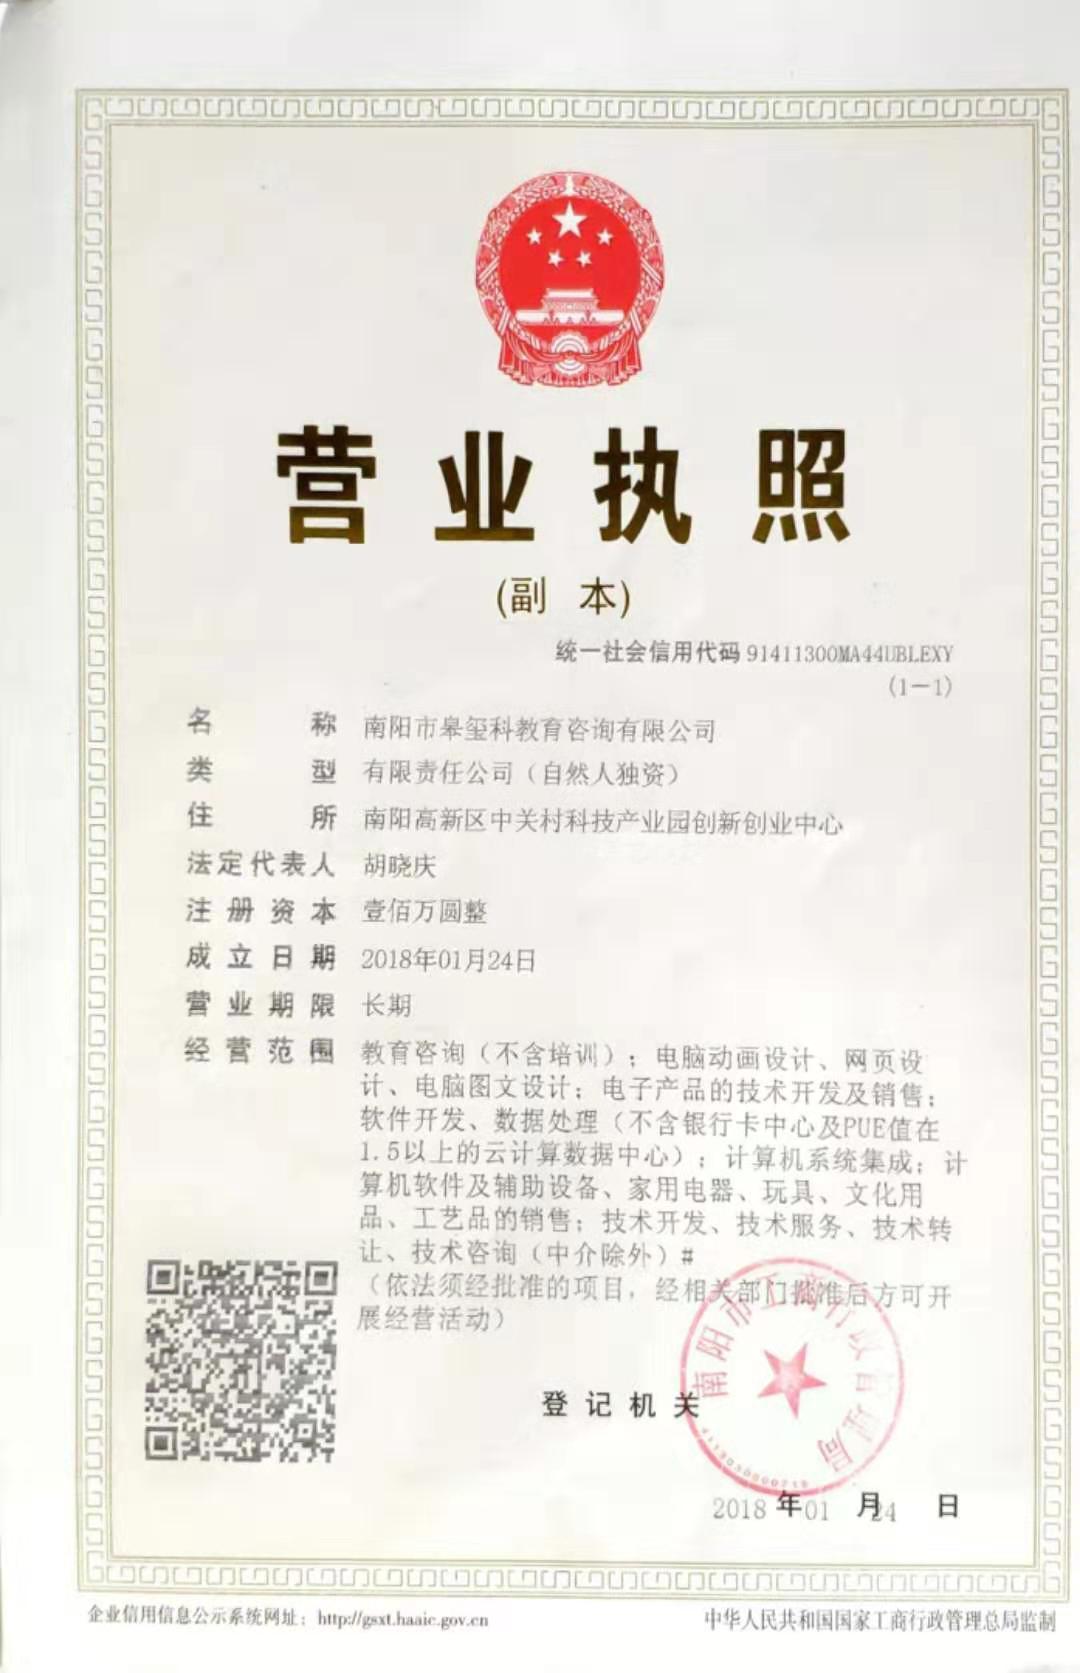 皋玺科教育营业执照